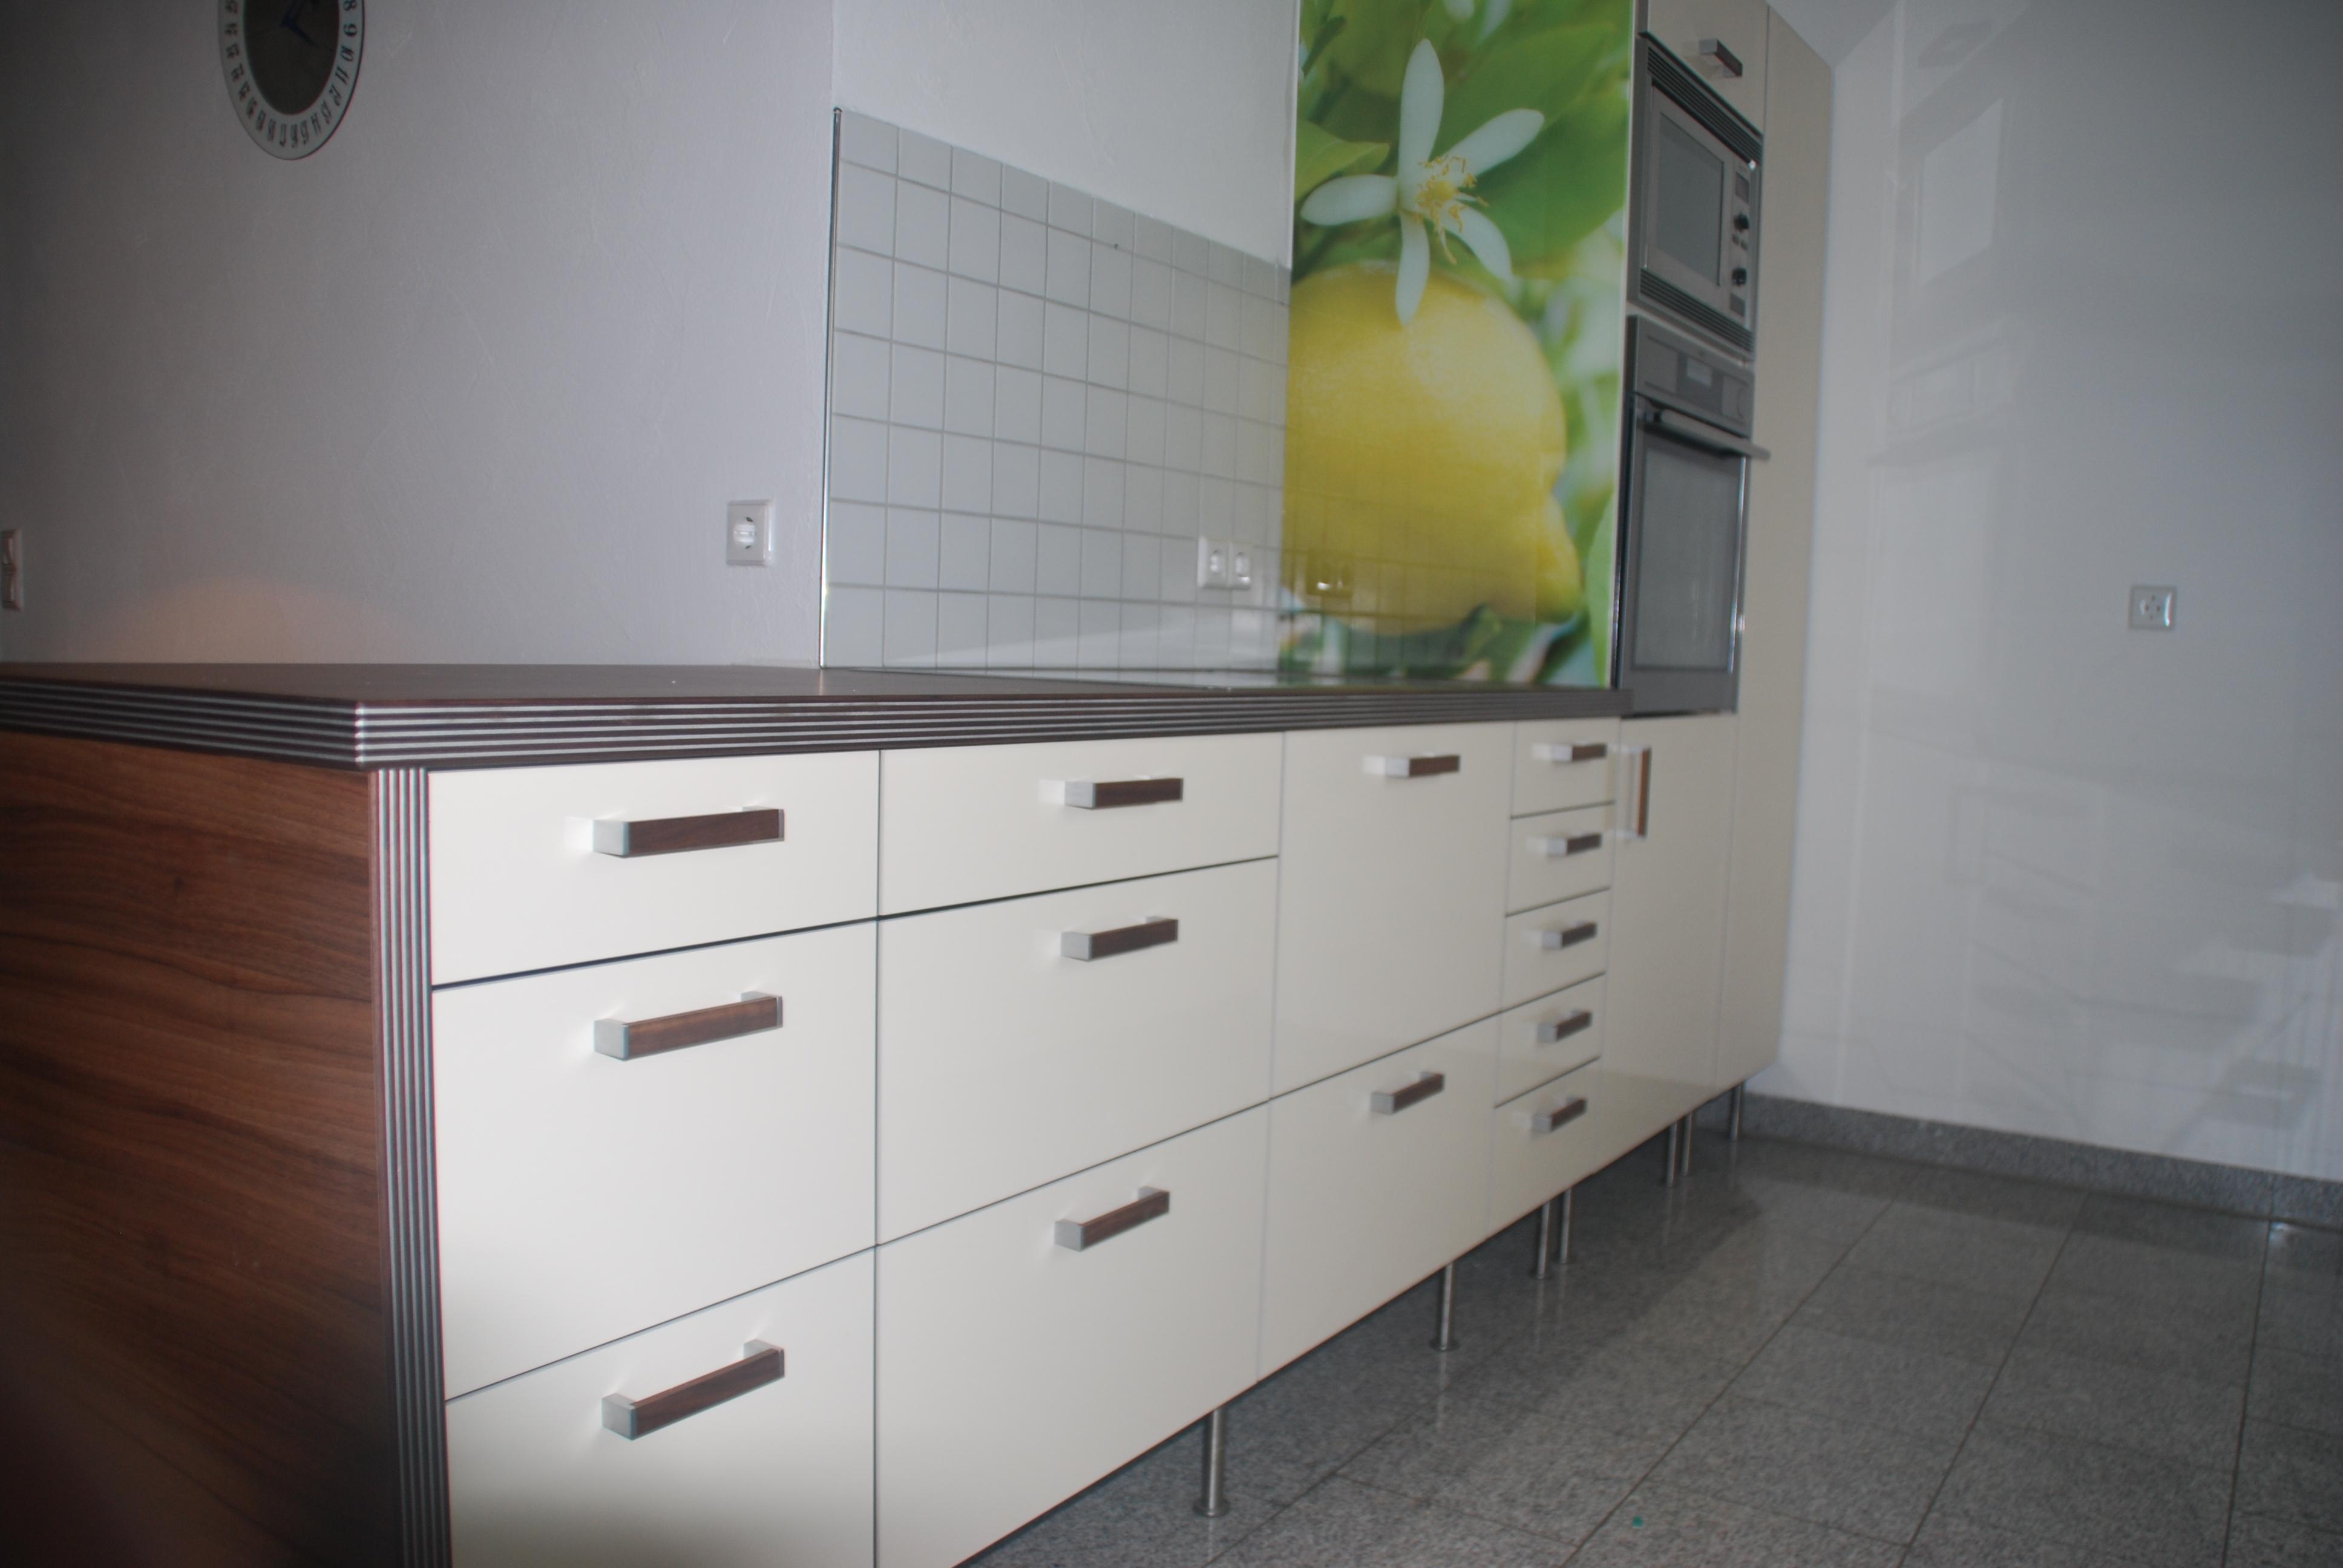 Küchenschrank schmal ikea  Schreinerei Senft — Feine Möbel aus edlen Hölzern. Küchen, Tische ...